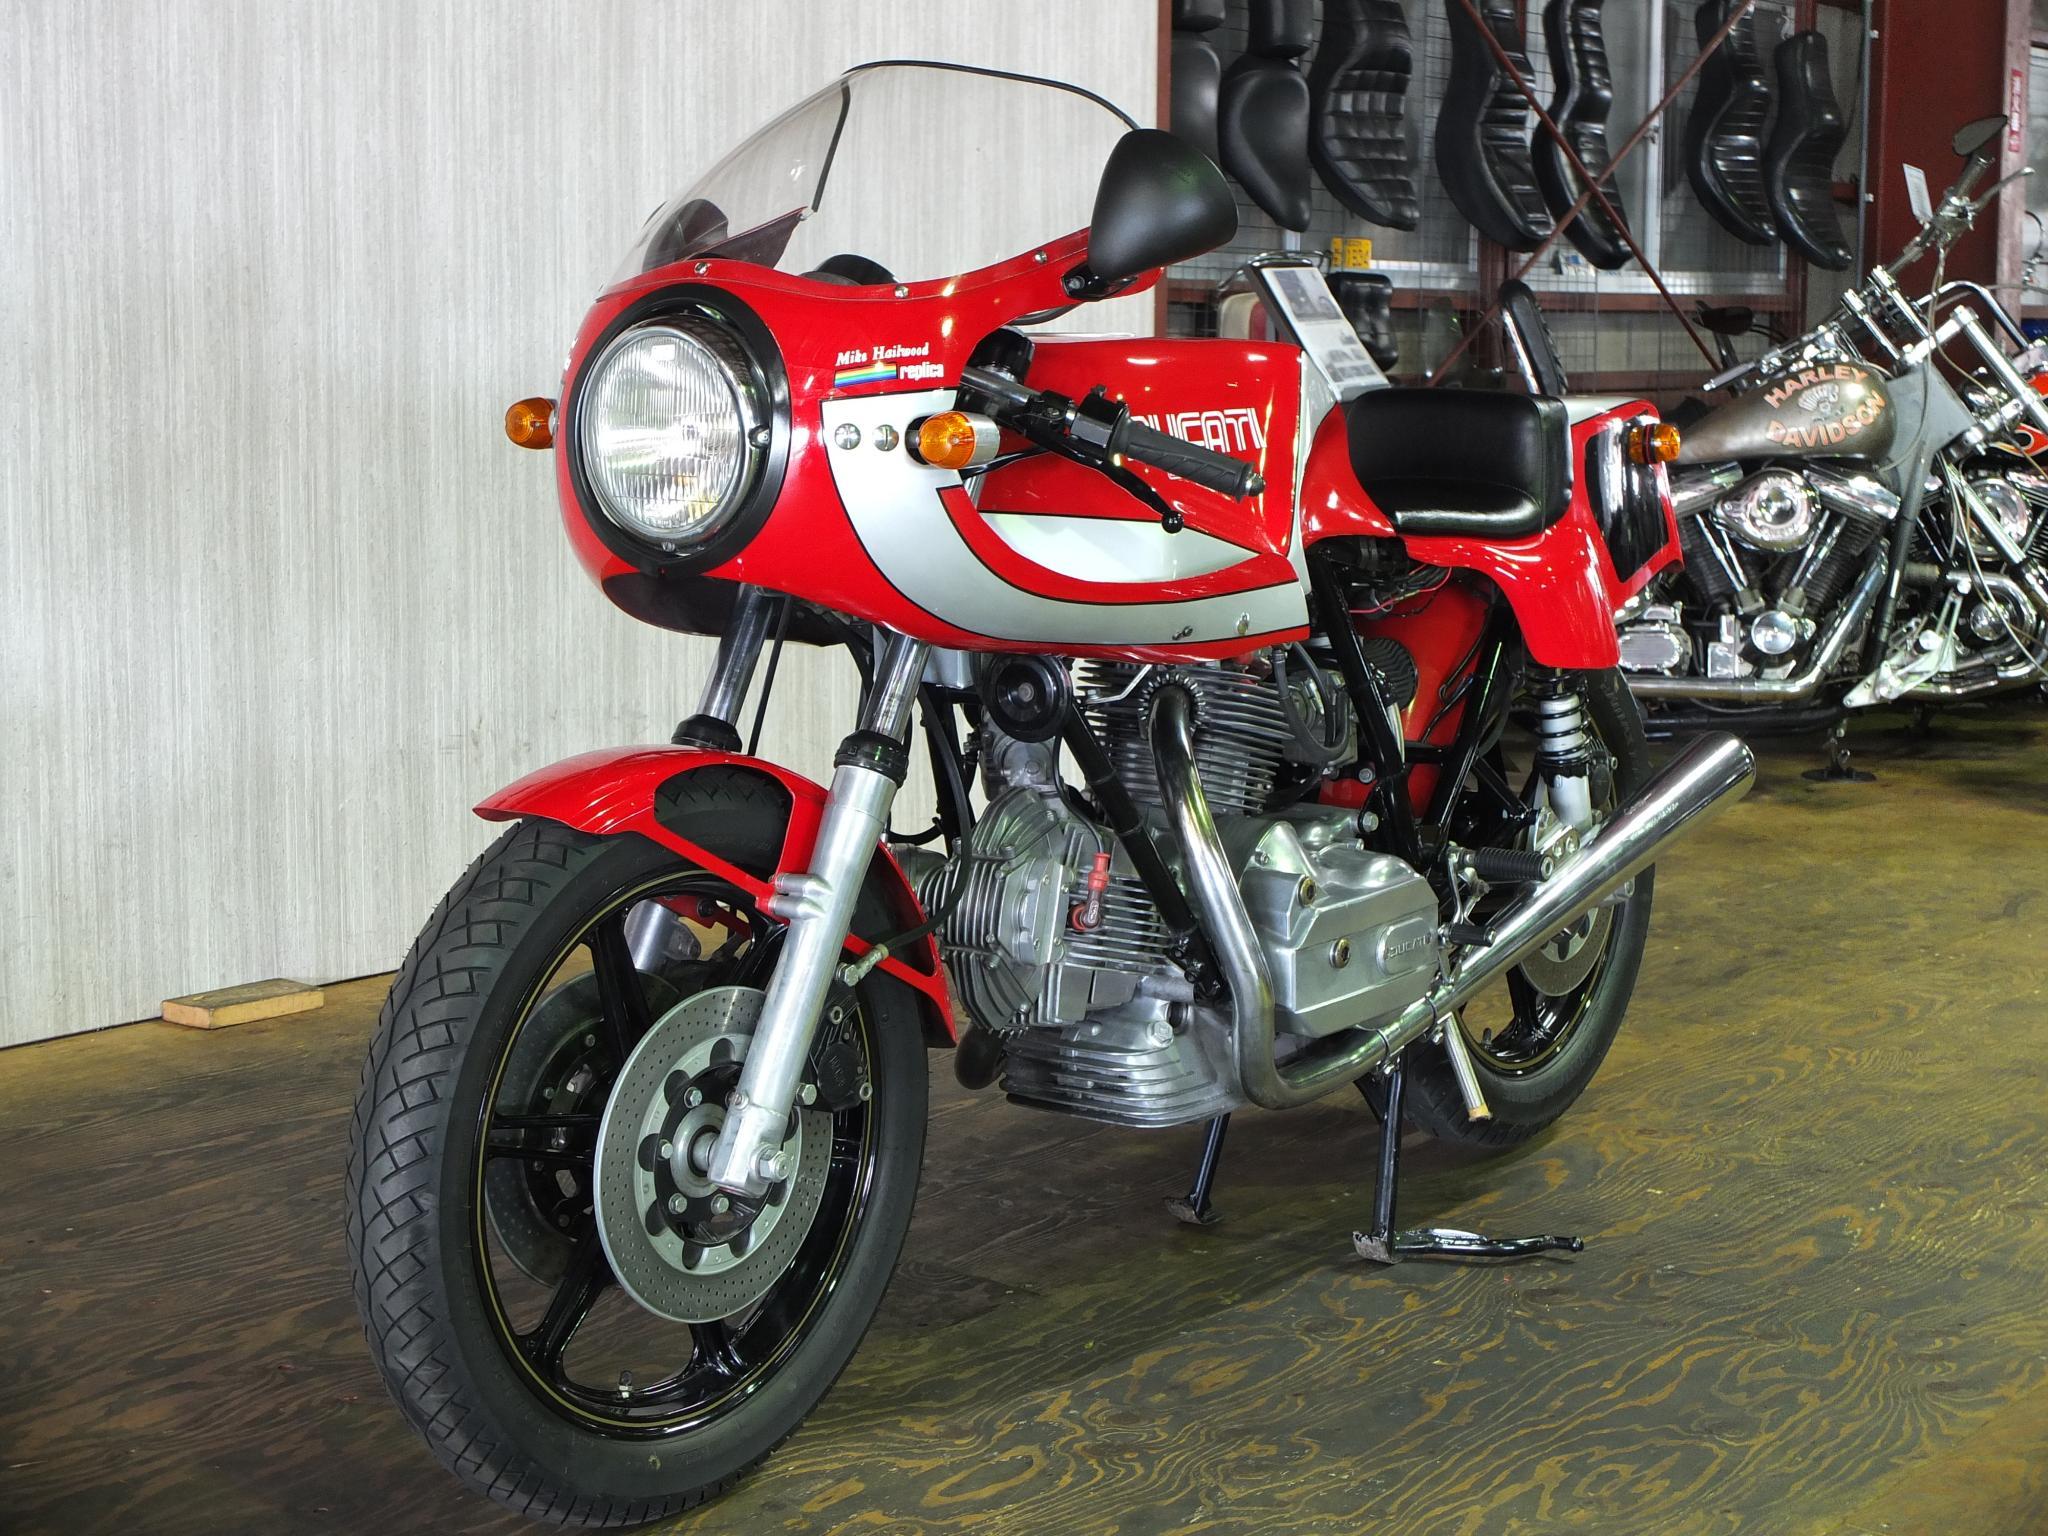 ドゥカティ 1983 Ducati MHR 900 車体写真5